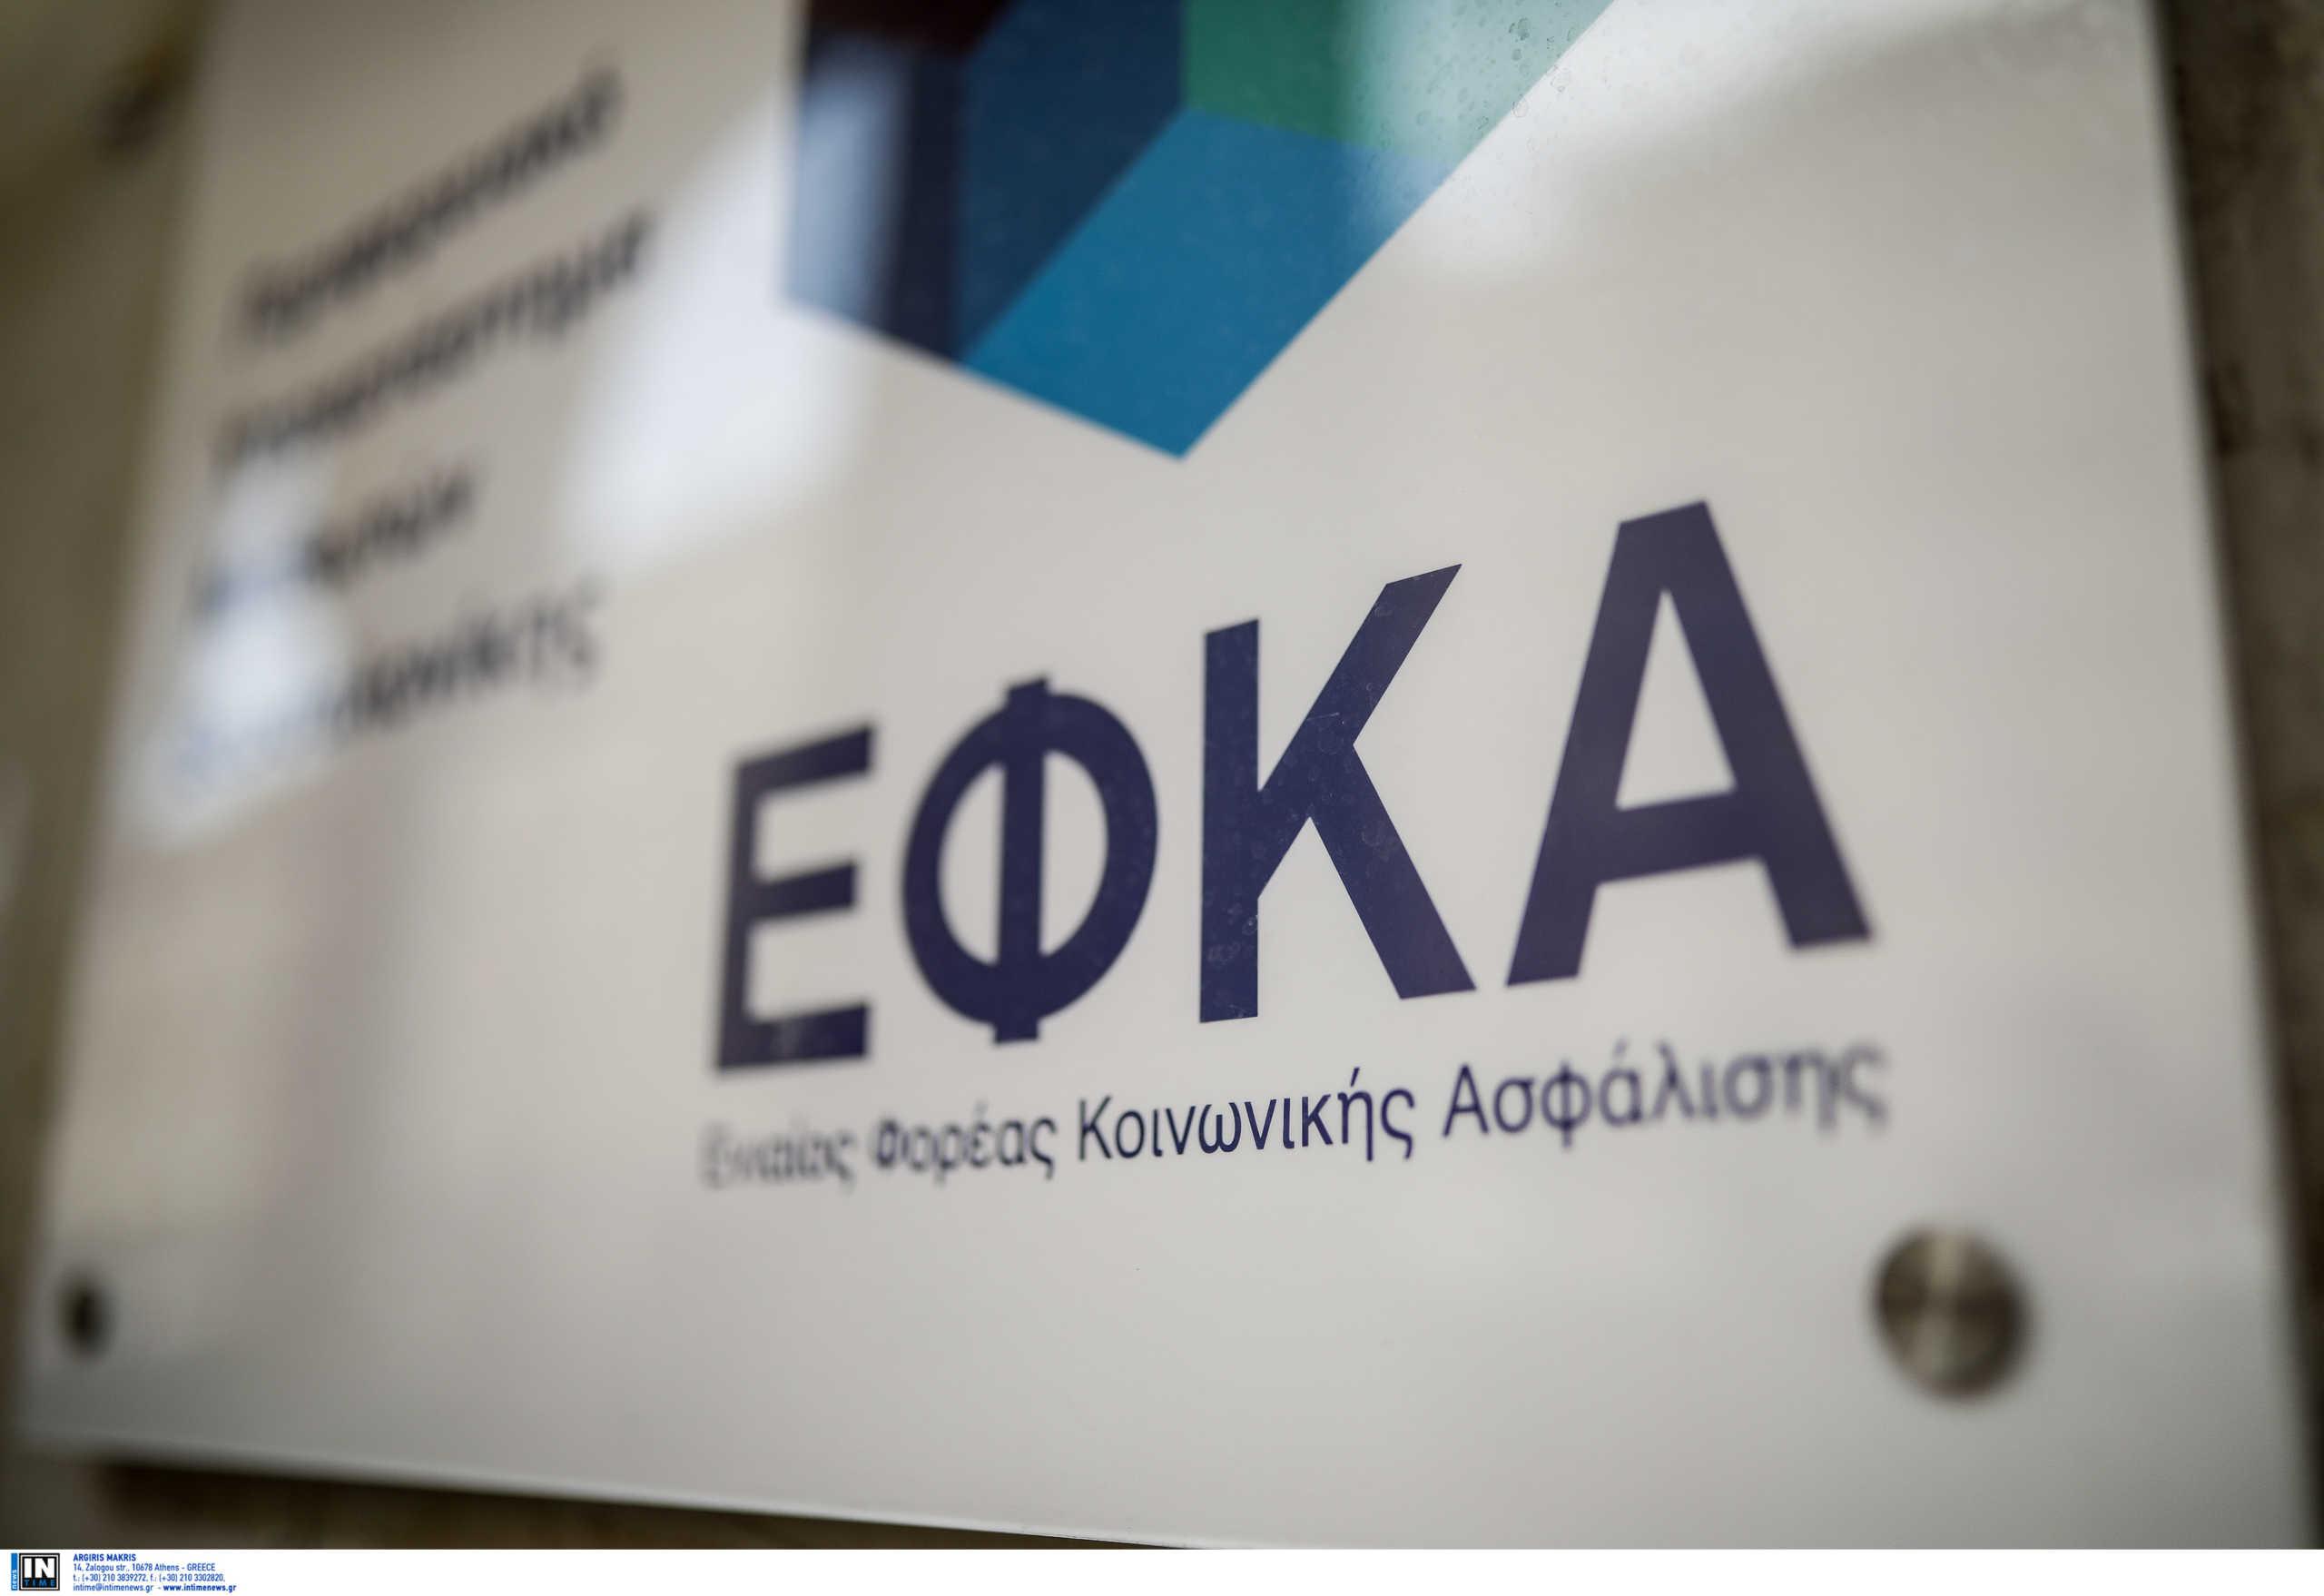 e-ΕΦΚΑ: Διευκρινίσεις για τη διαδοχική ασφάλιση – Δείτε την εγκύκλιο